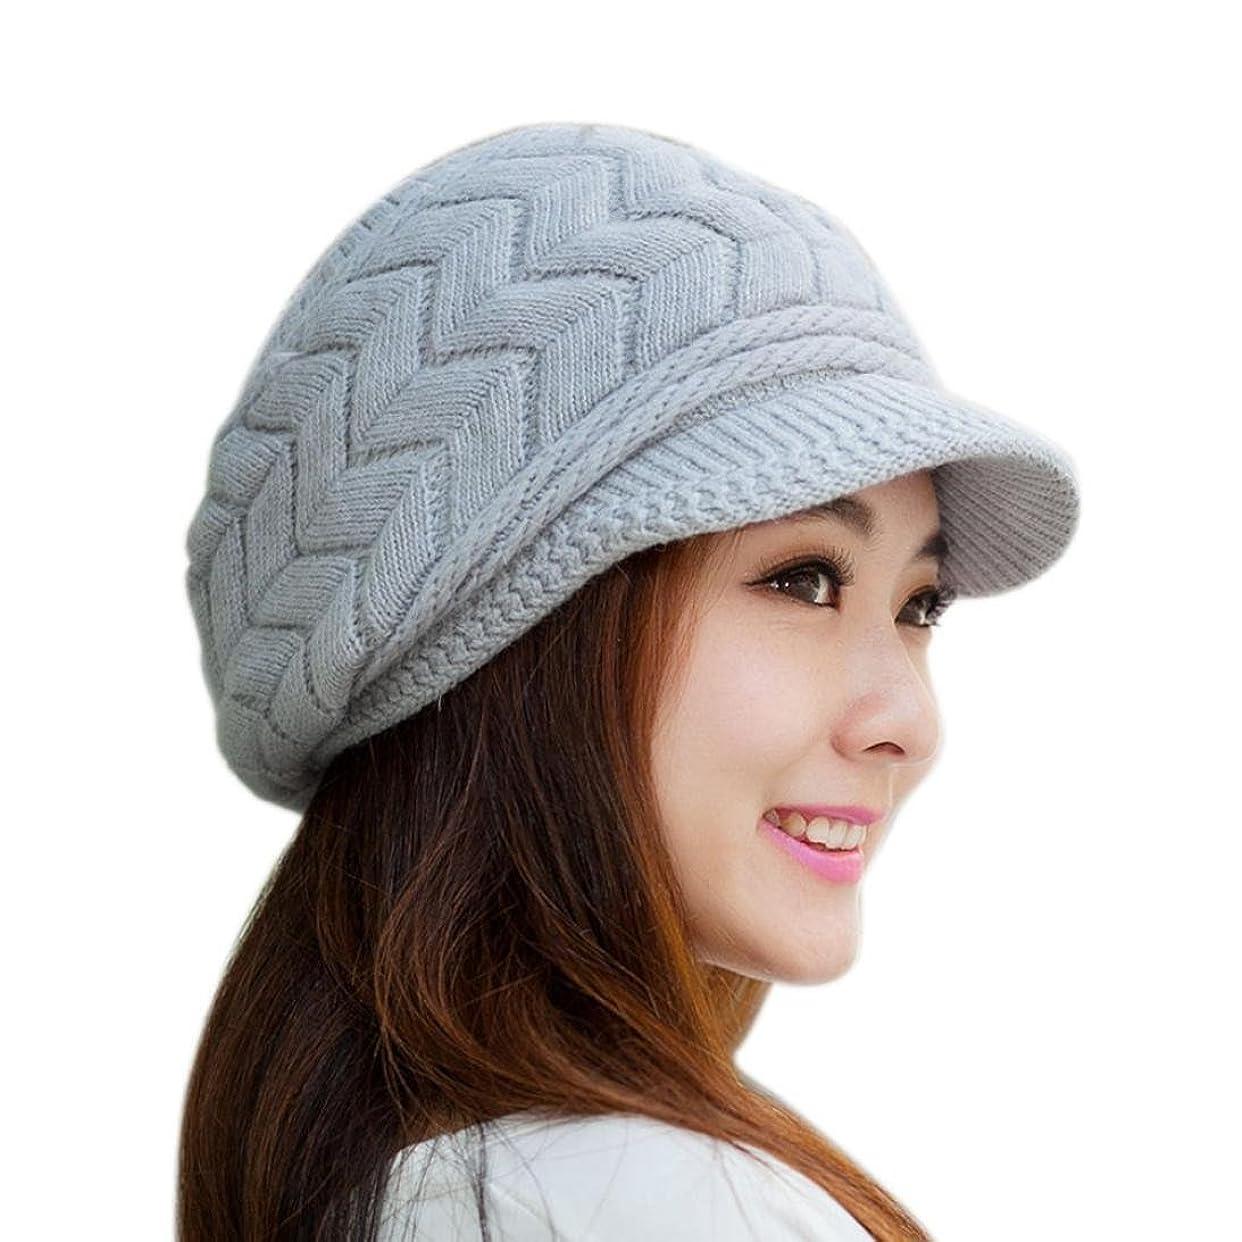 農村代わりにスタジオSiniaoファッションレディース帽子冬Skulliesビーニーニットハットウサギファーキャップ(グレー)